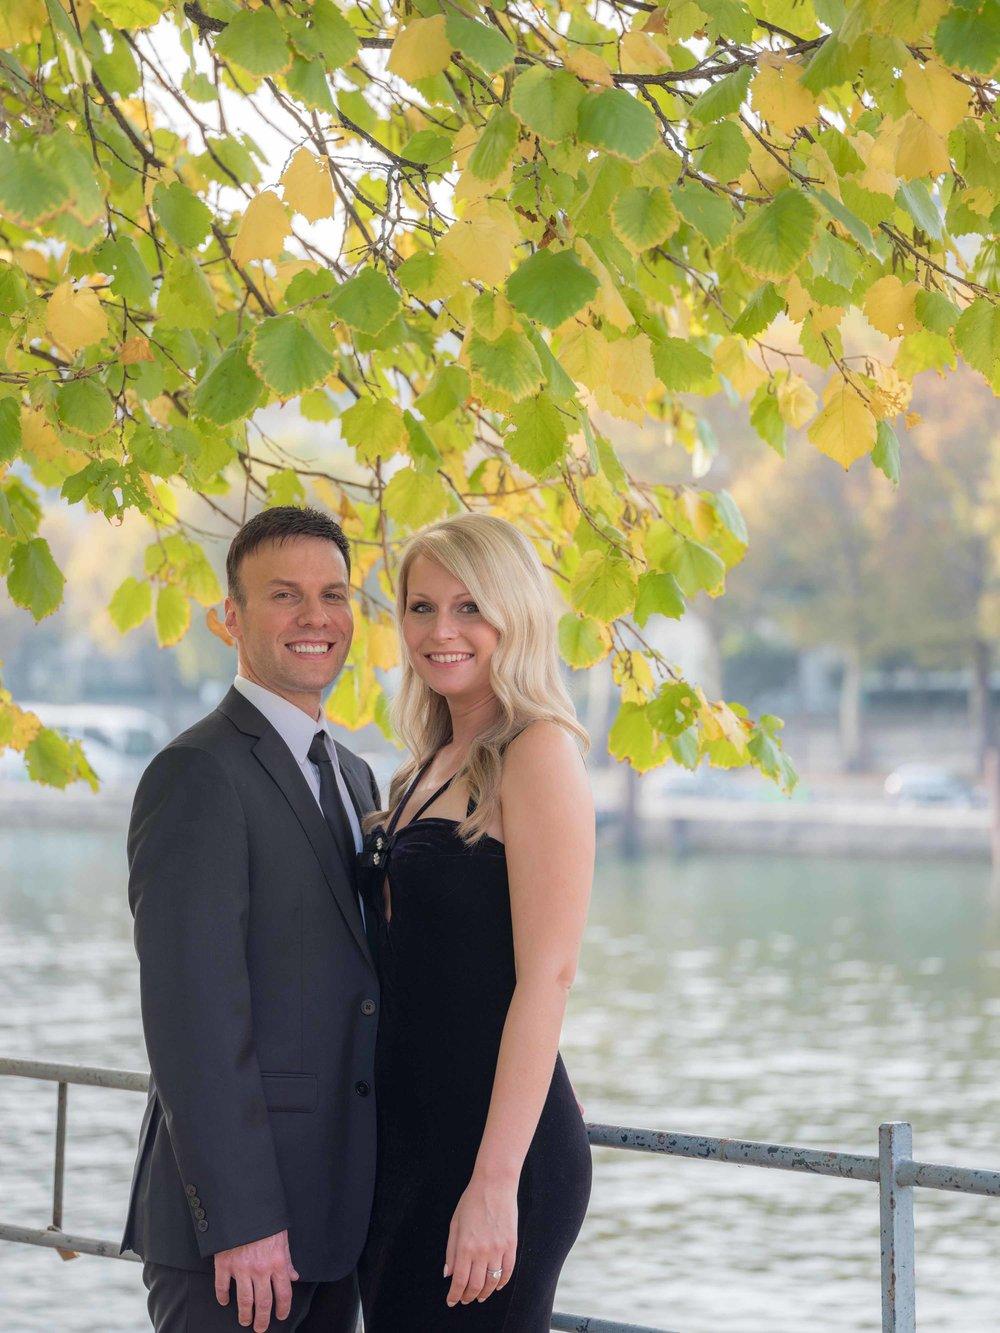 elegant couple in autumn in paris